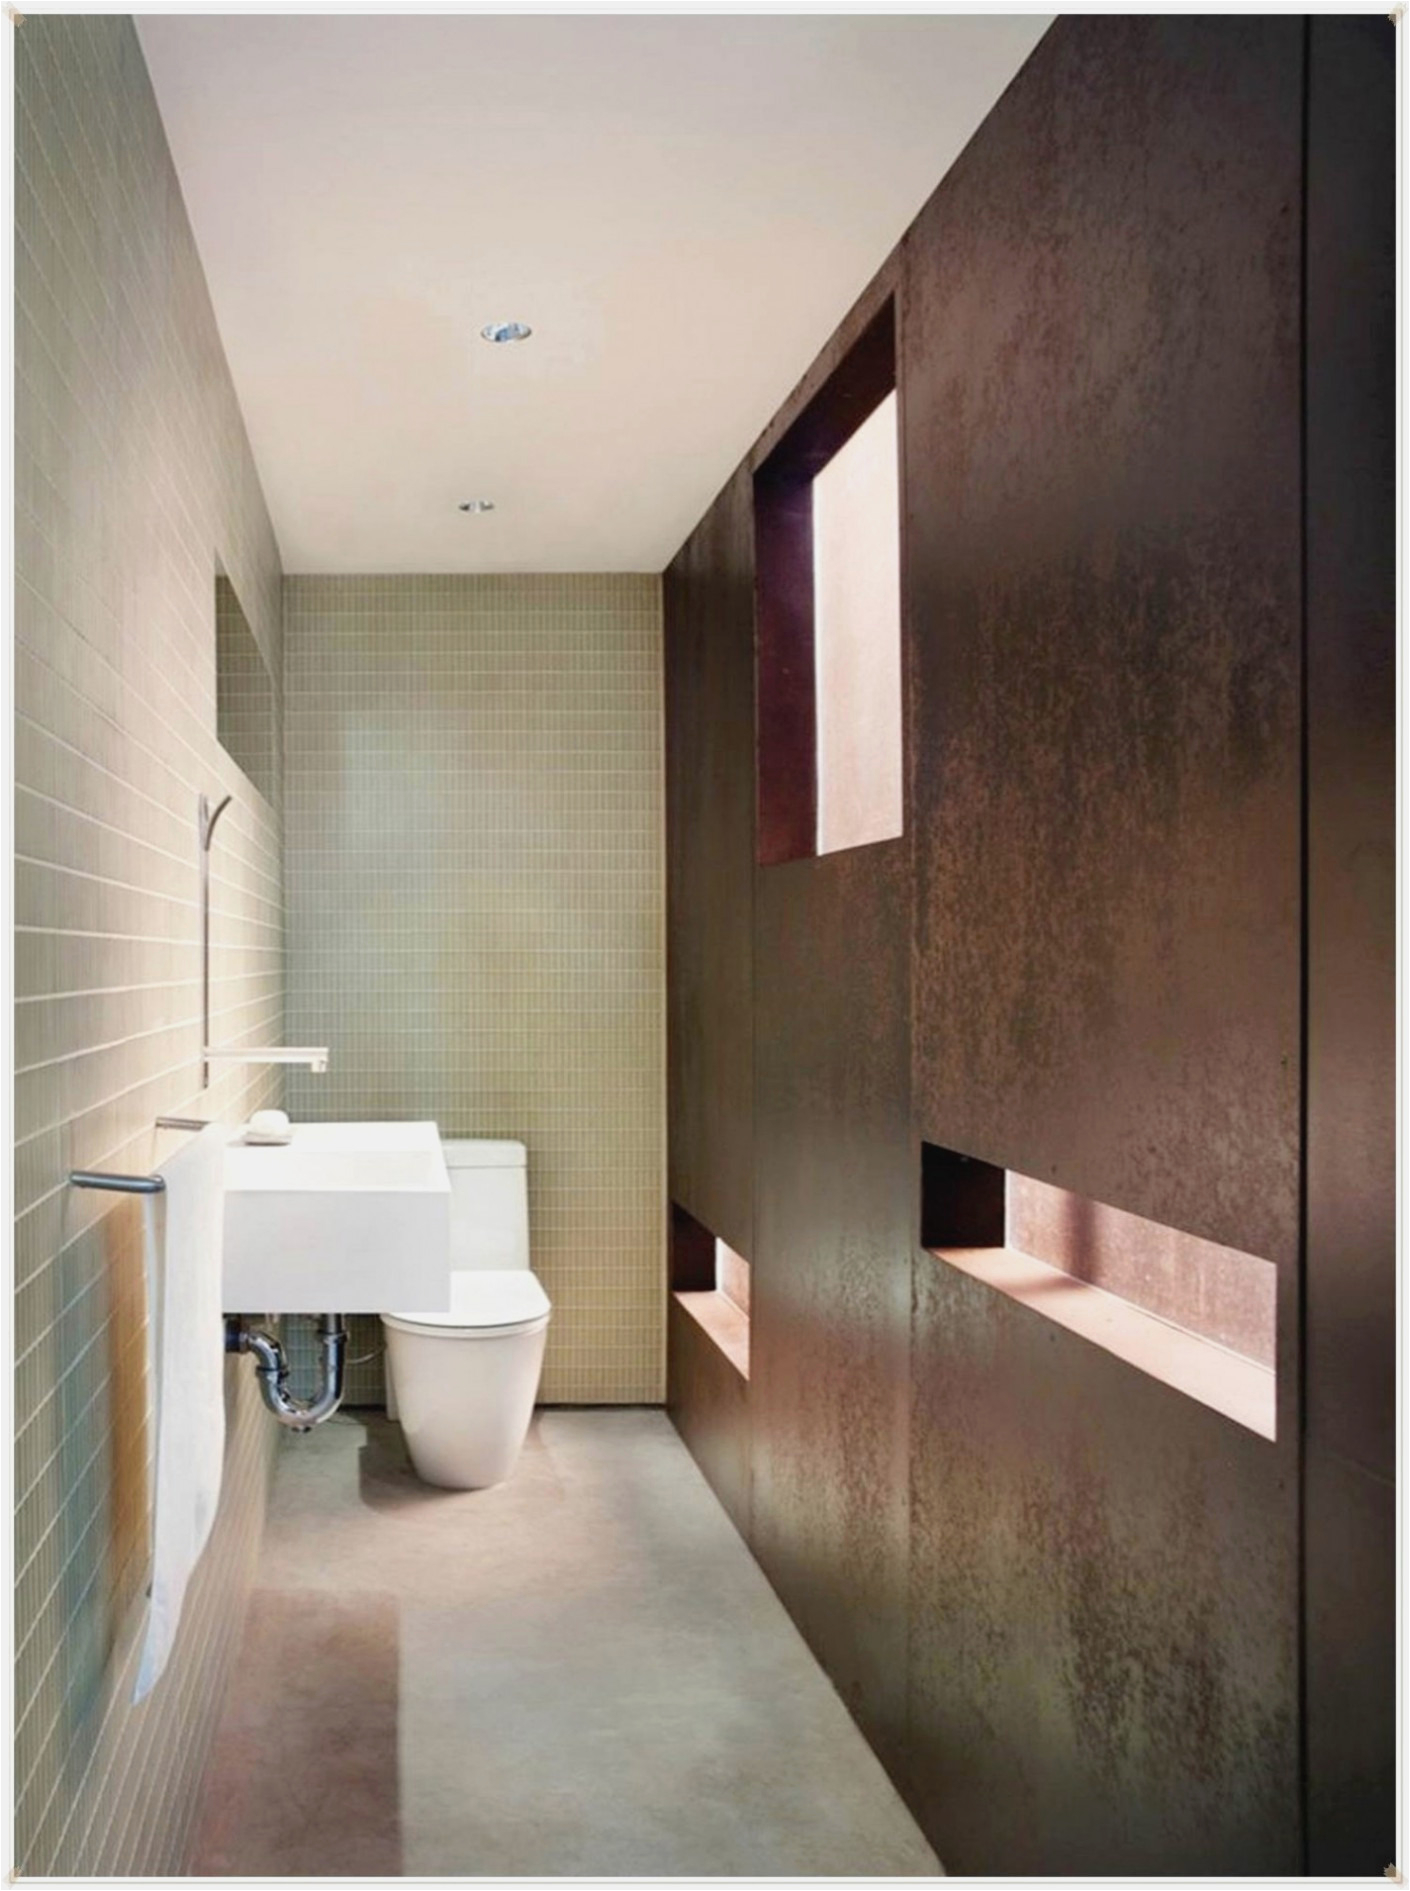 Eckschrank Badezimmer Spiegel Spiegel Für Badezimmer Aukin